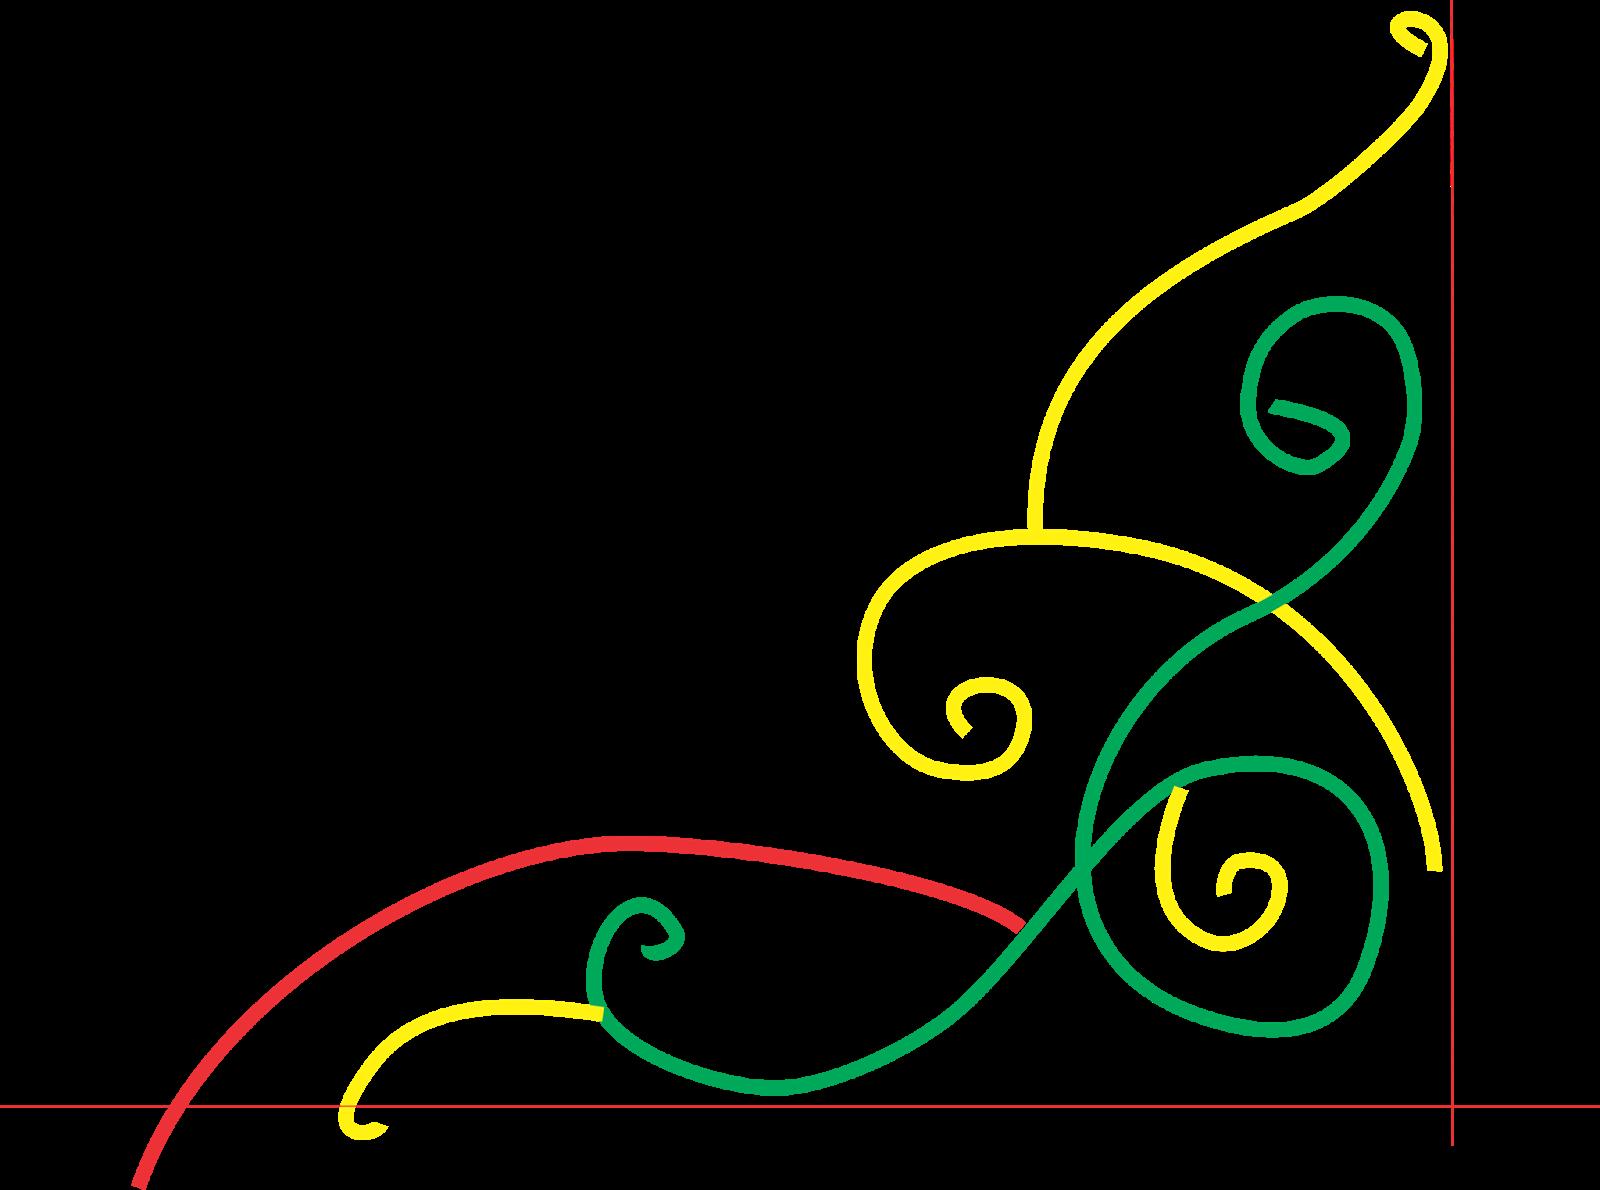 CARA MEMBUAT ORNAMEN/HIASAN PINGGIR KALIGRAFI - Suryalaya